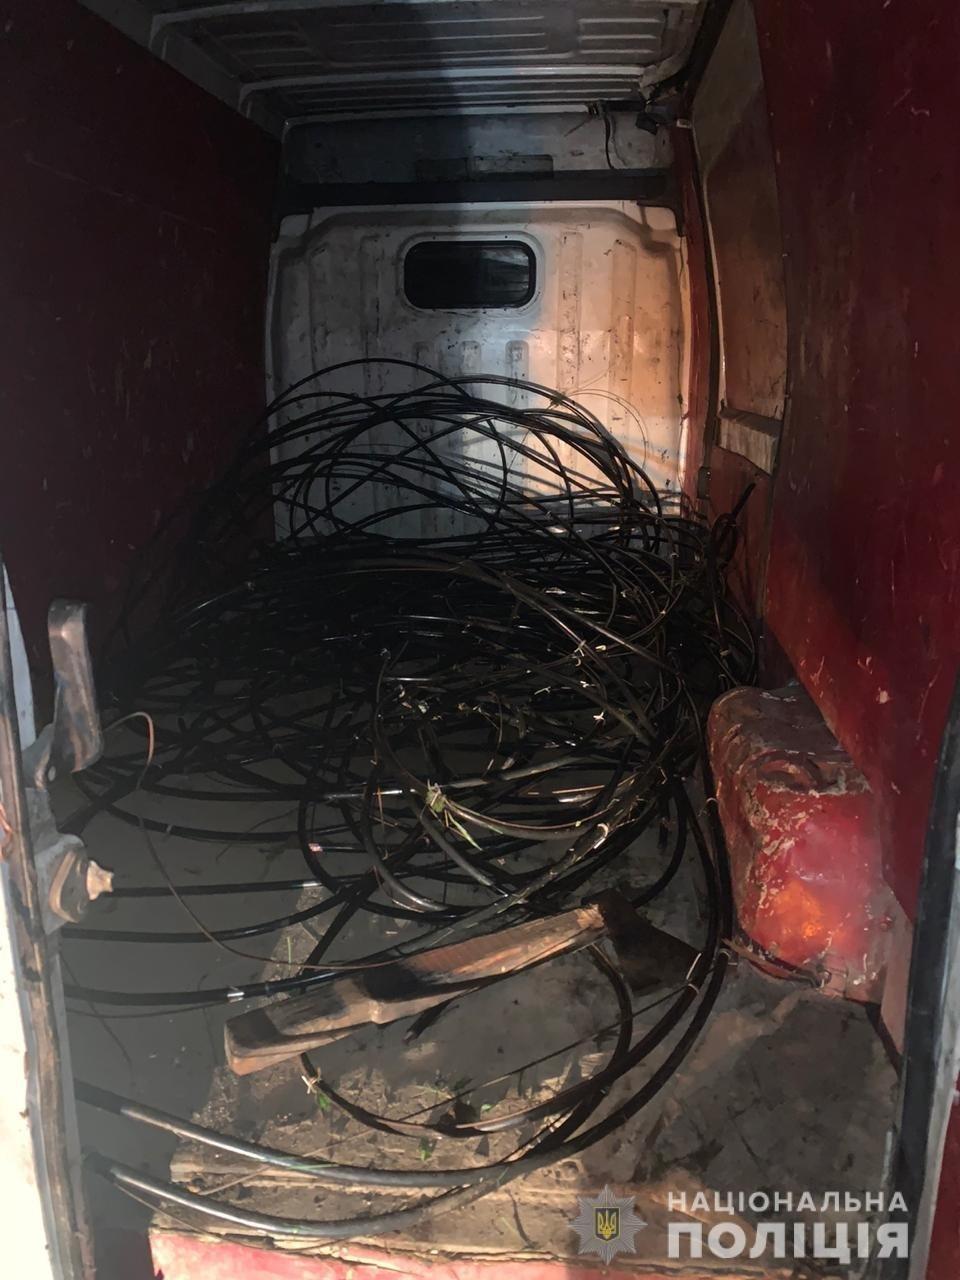 Крали телефонний кабель: на Закарпатті затримали банду злодіїв (ФОТО), фото-4